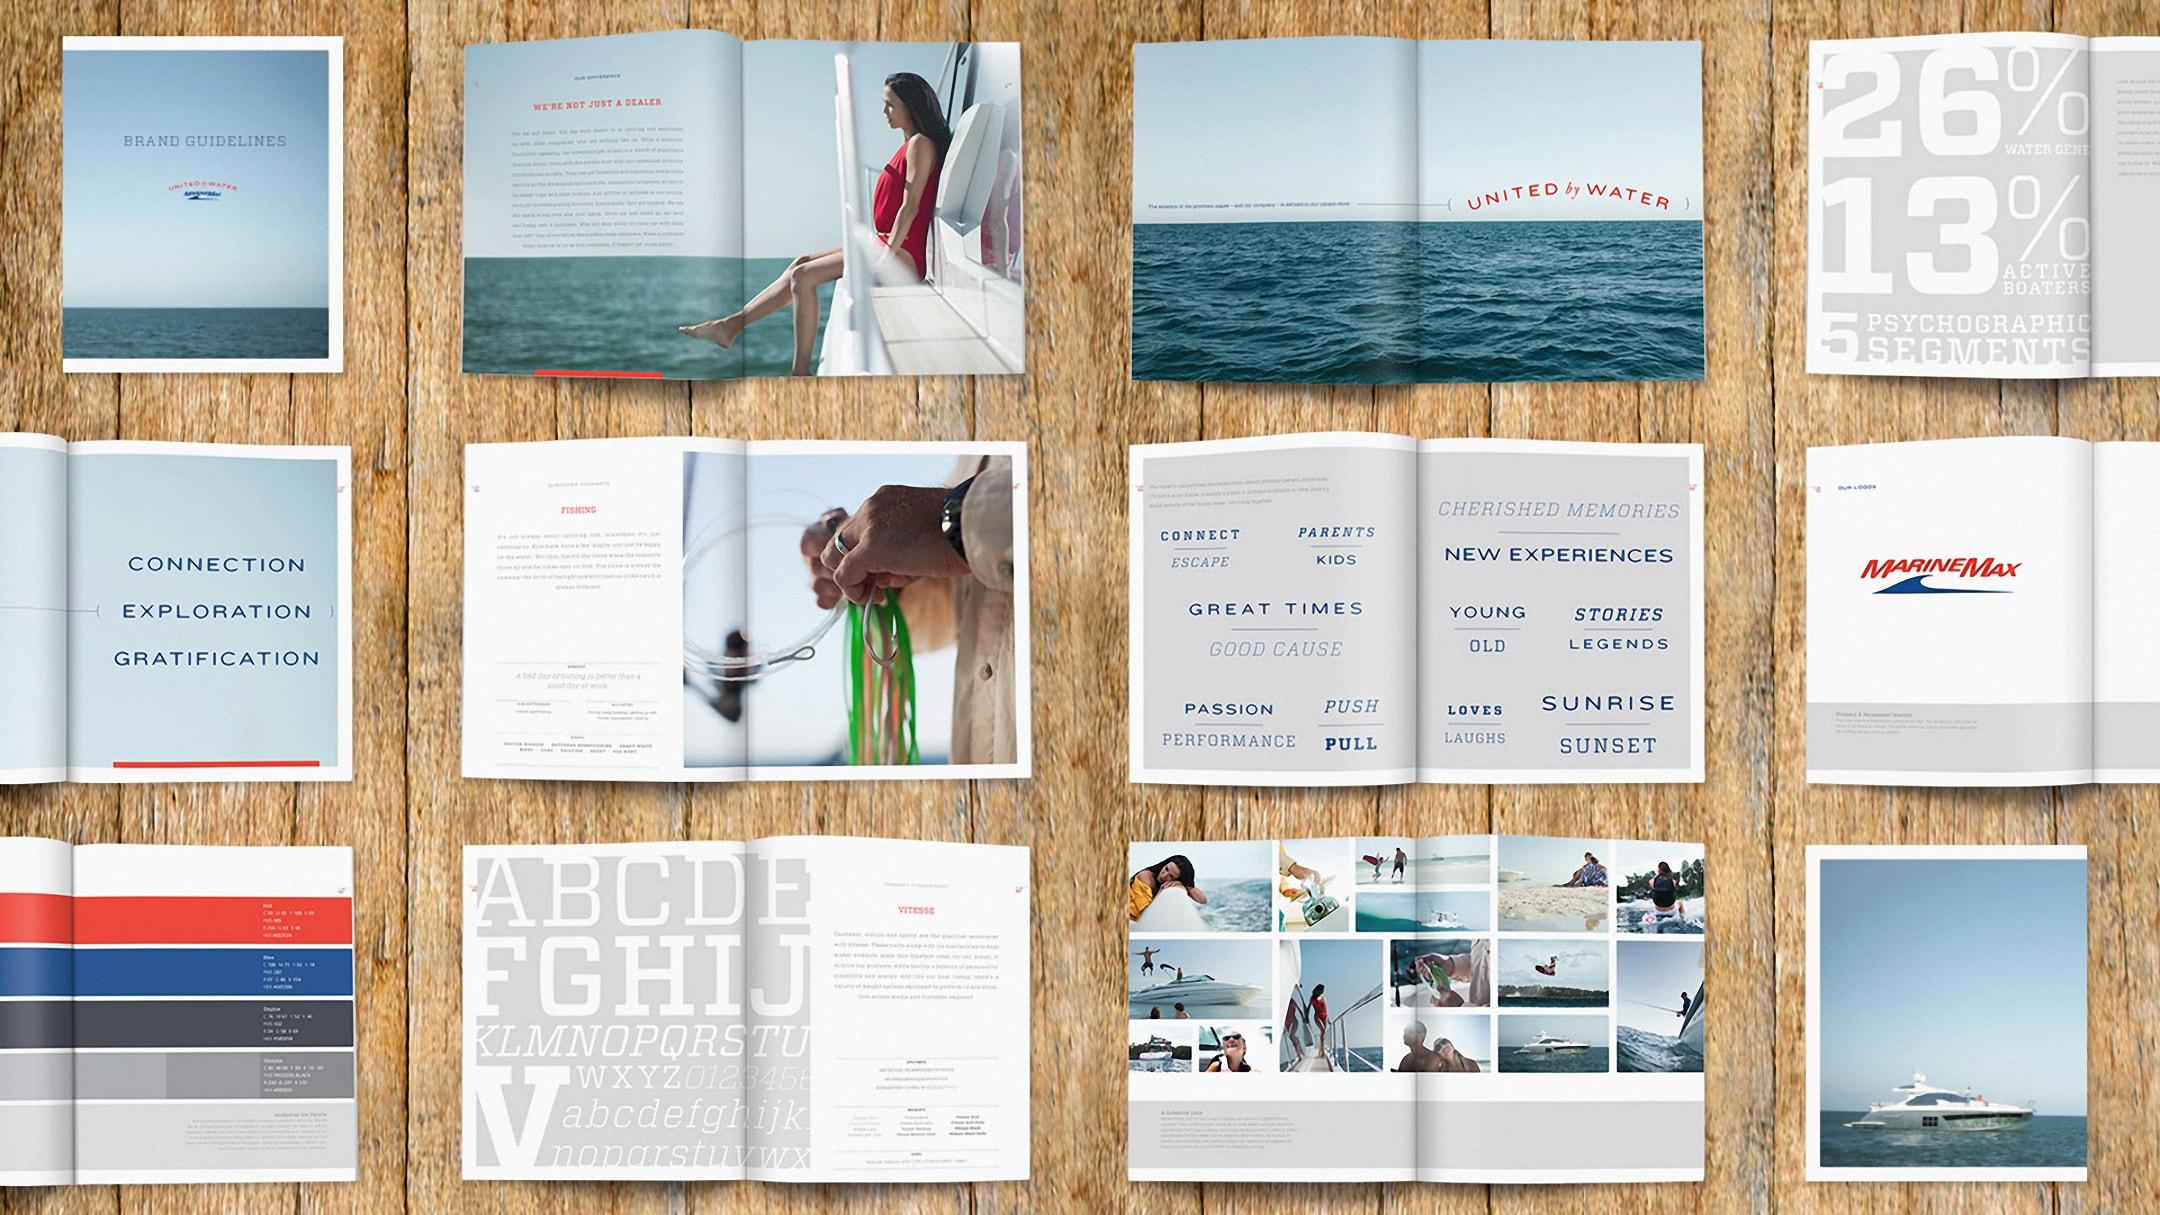 Marine Max brand book